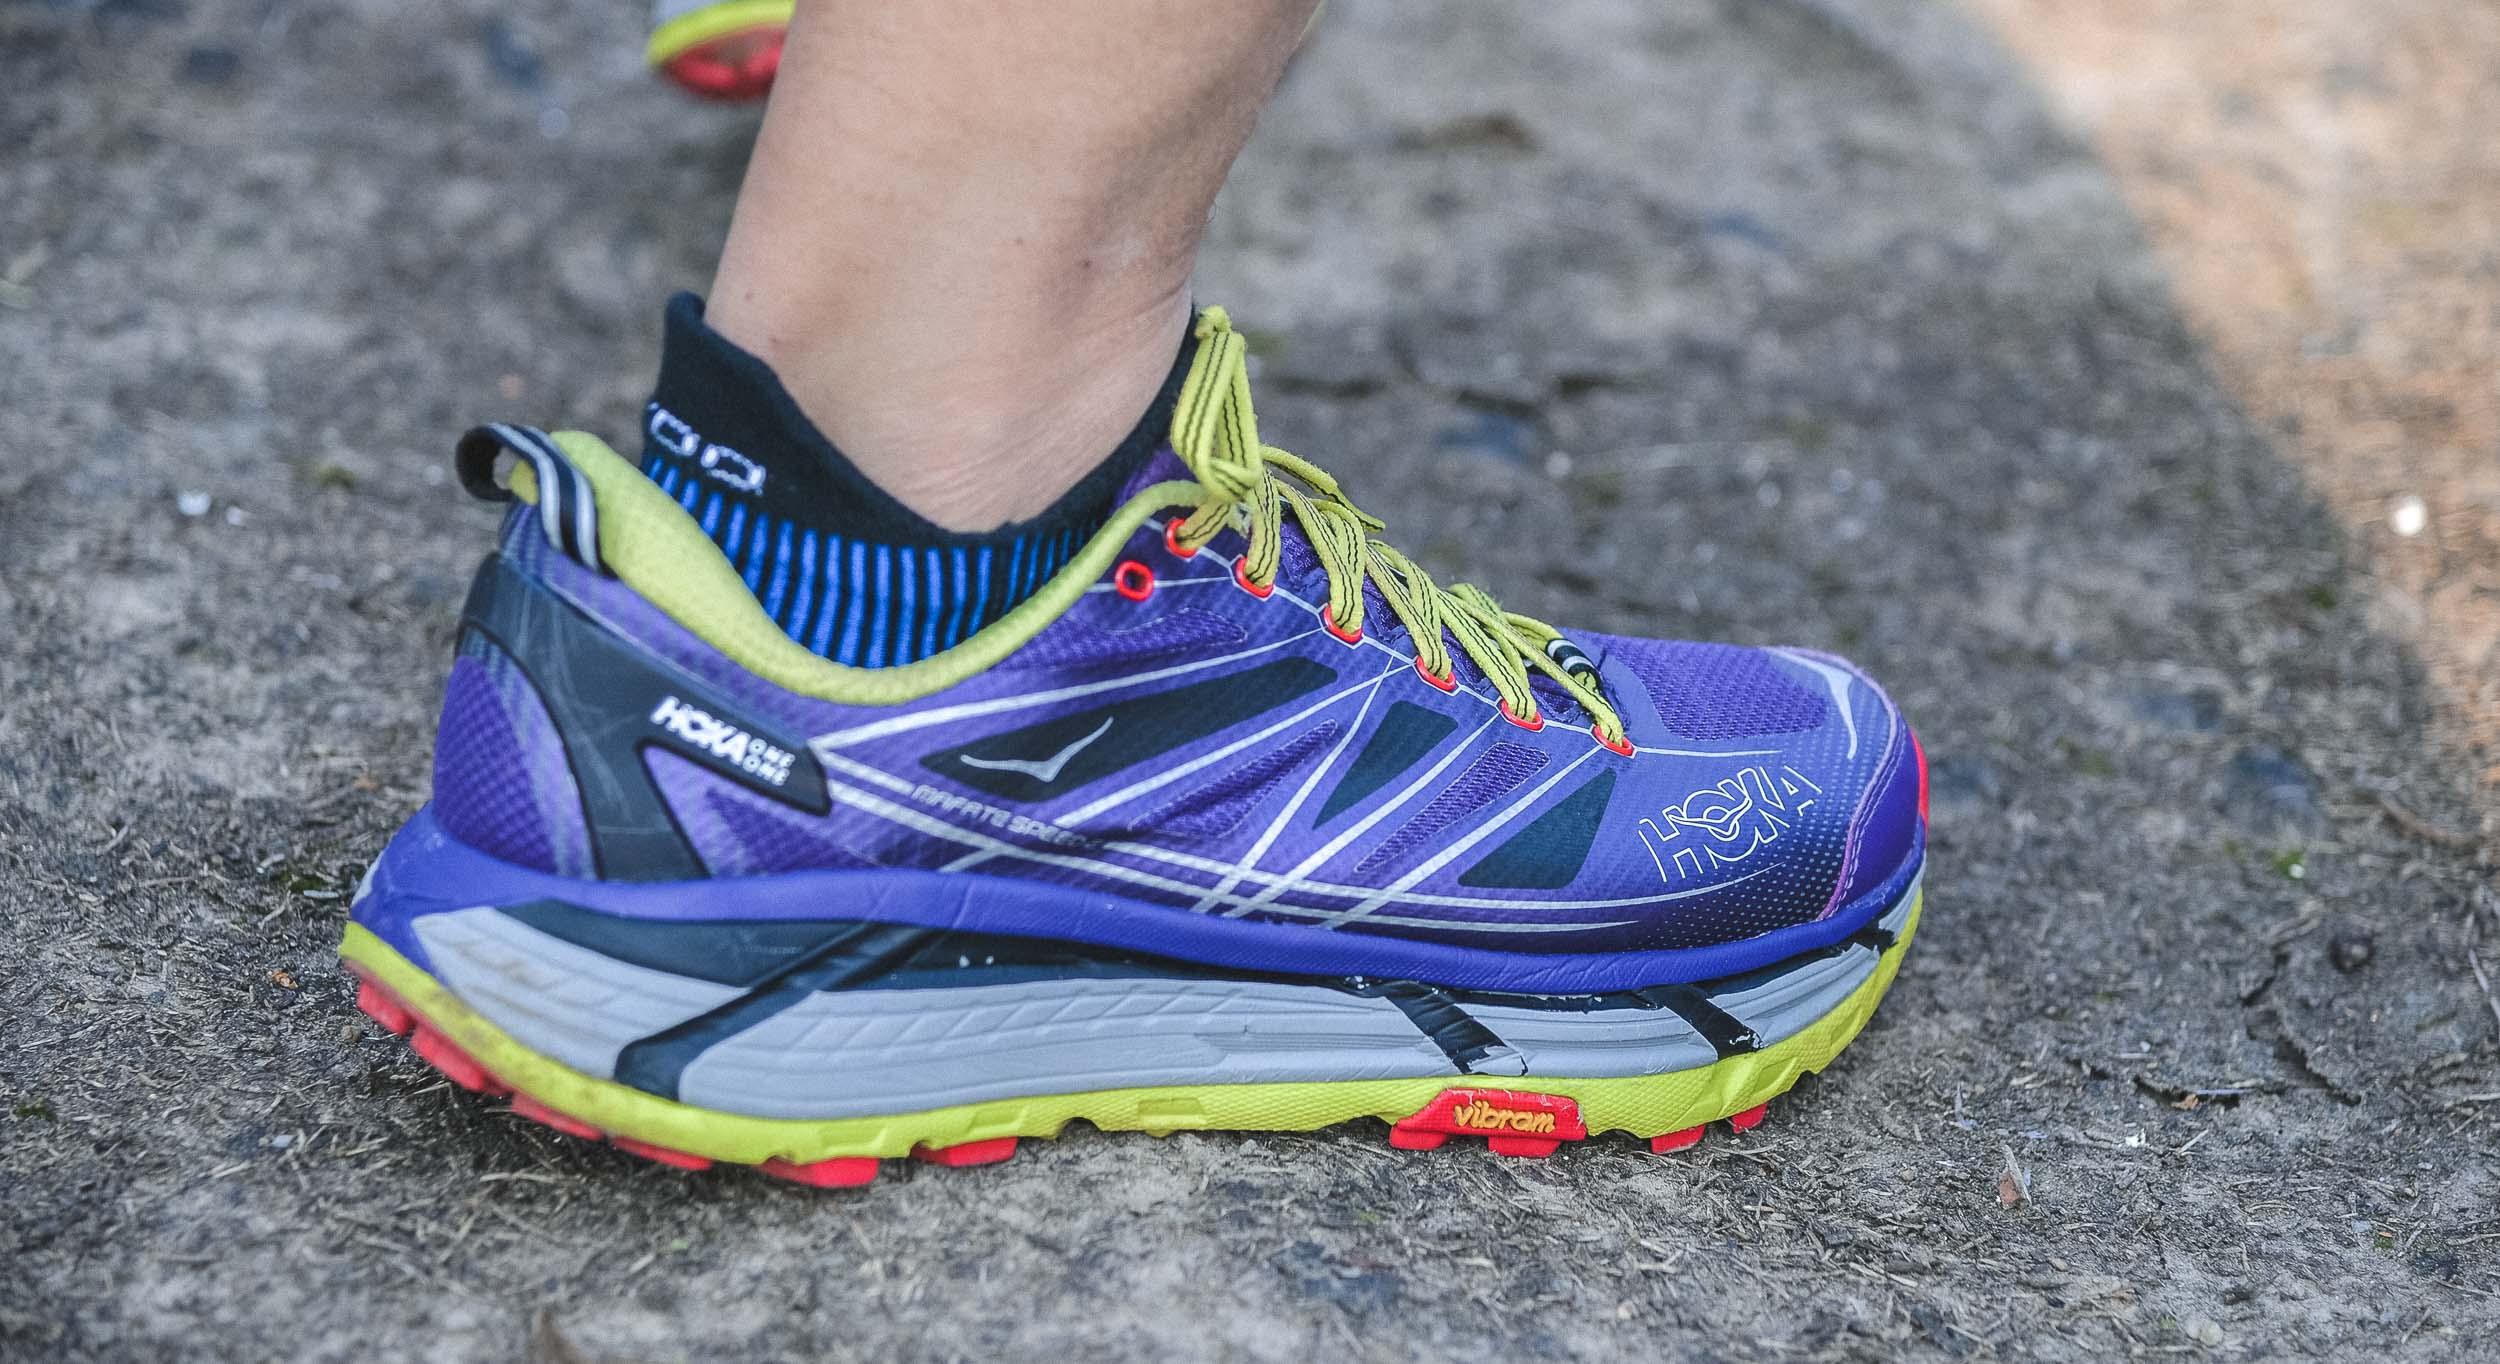 跑鞋 | HOKA One One Mafate Speed 2  接近完美的越野鞋?